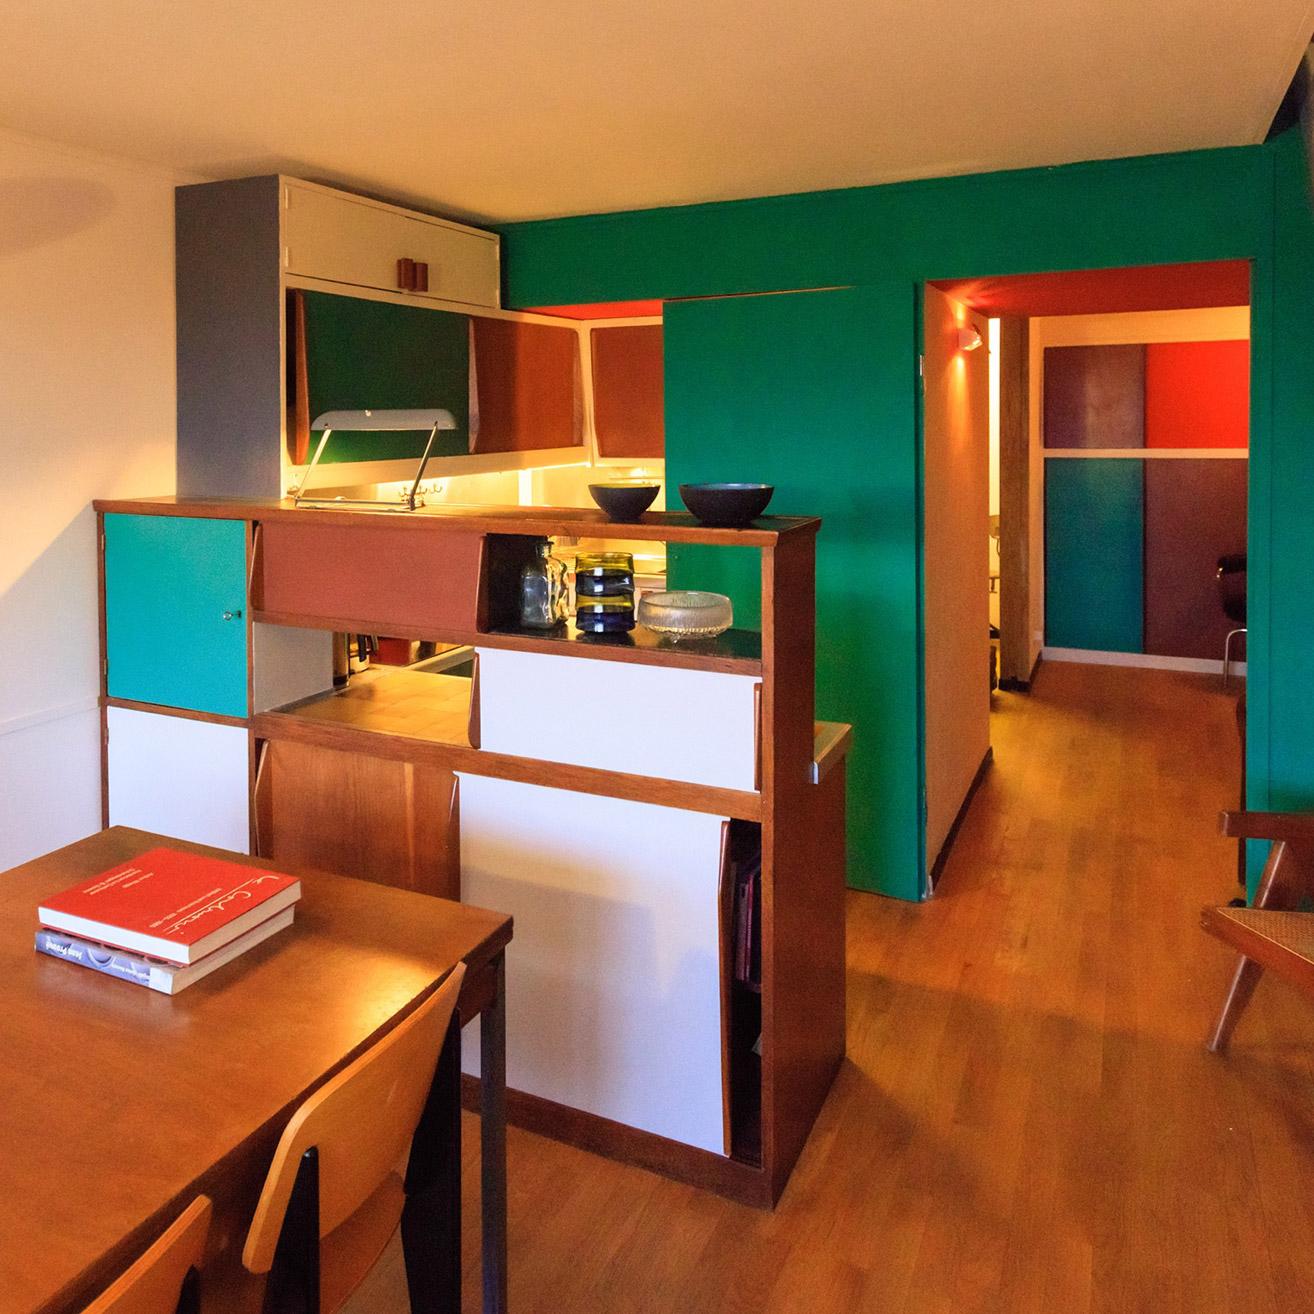 Architecte Interieur Paris 18 le corbusier's interior realisedphilipp mohr at unité d